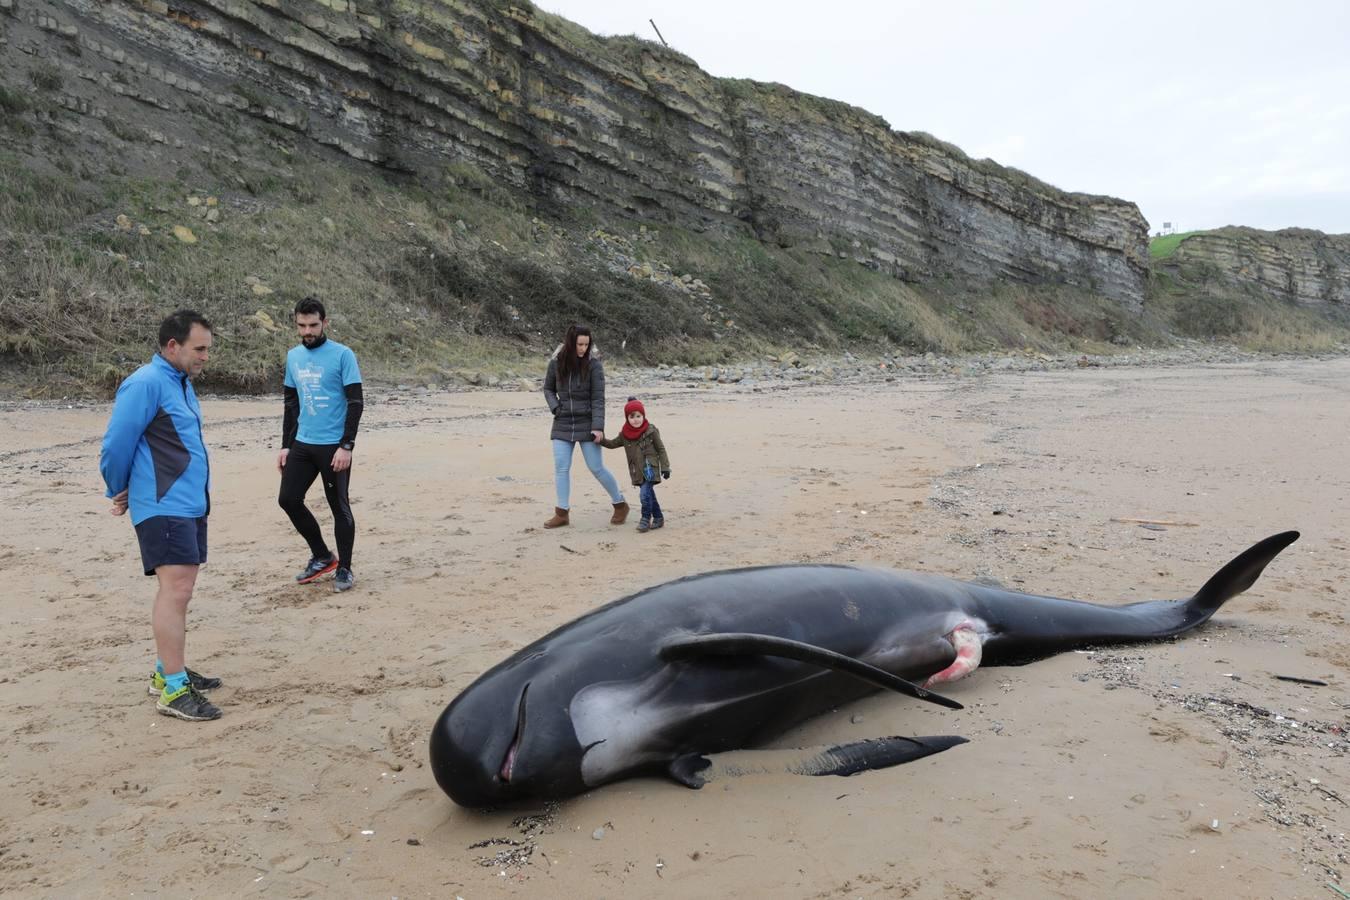 Aparece el cuerpo de un cachalote en la playa de Langre